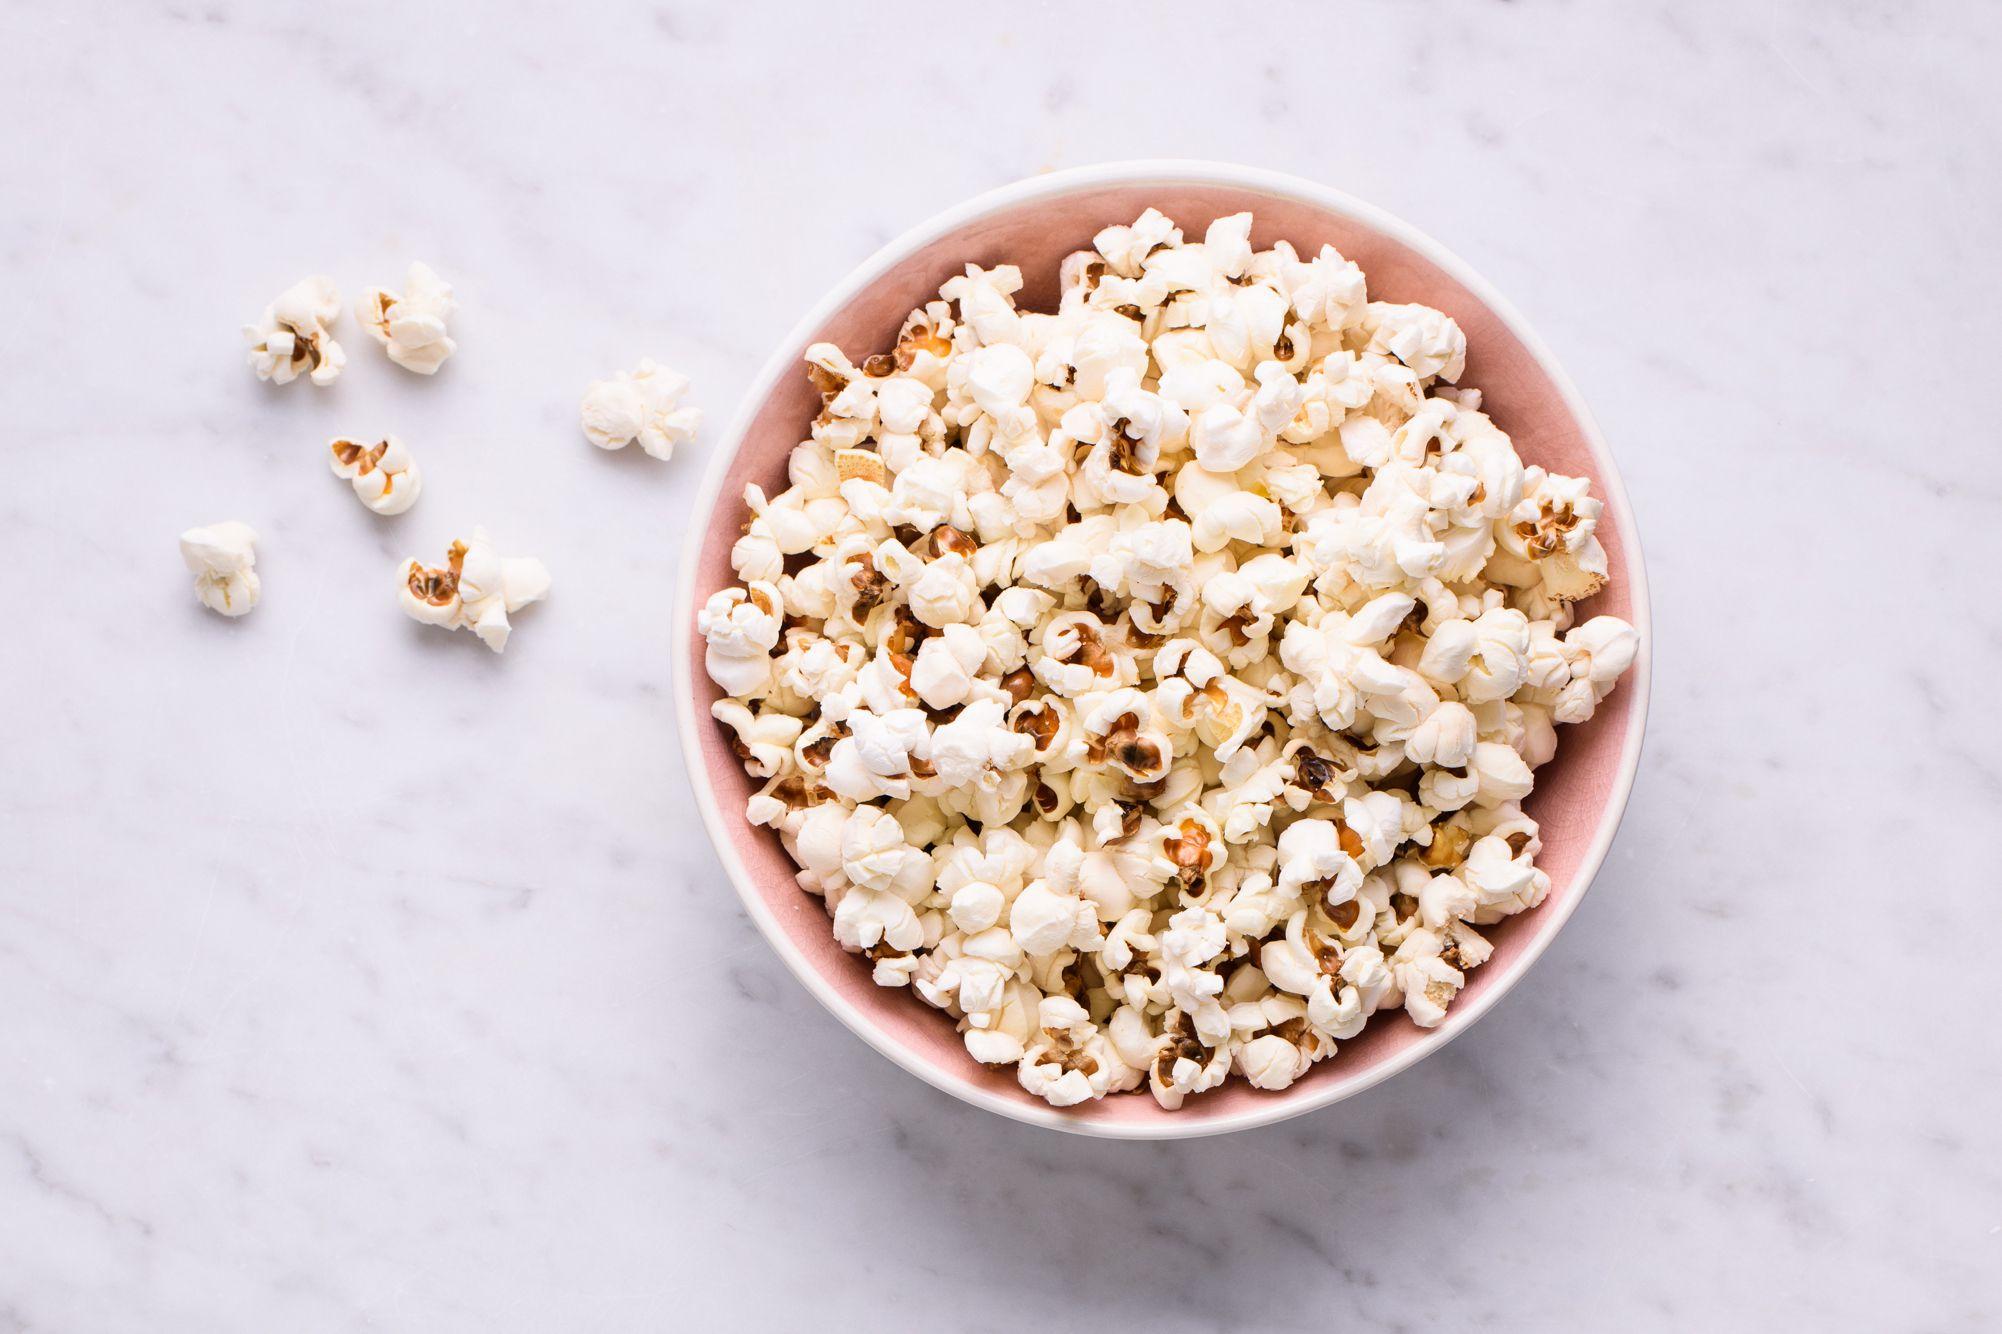 popcorn in an grain free diet